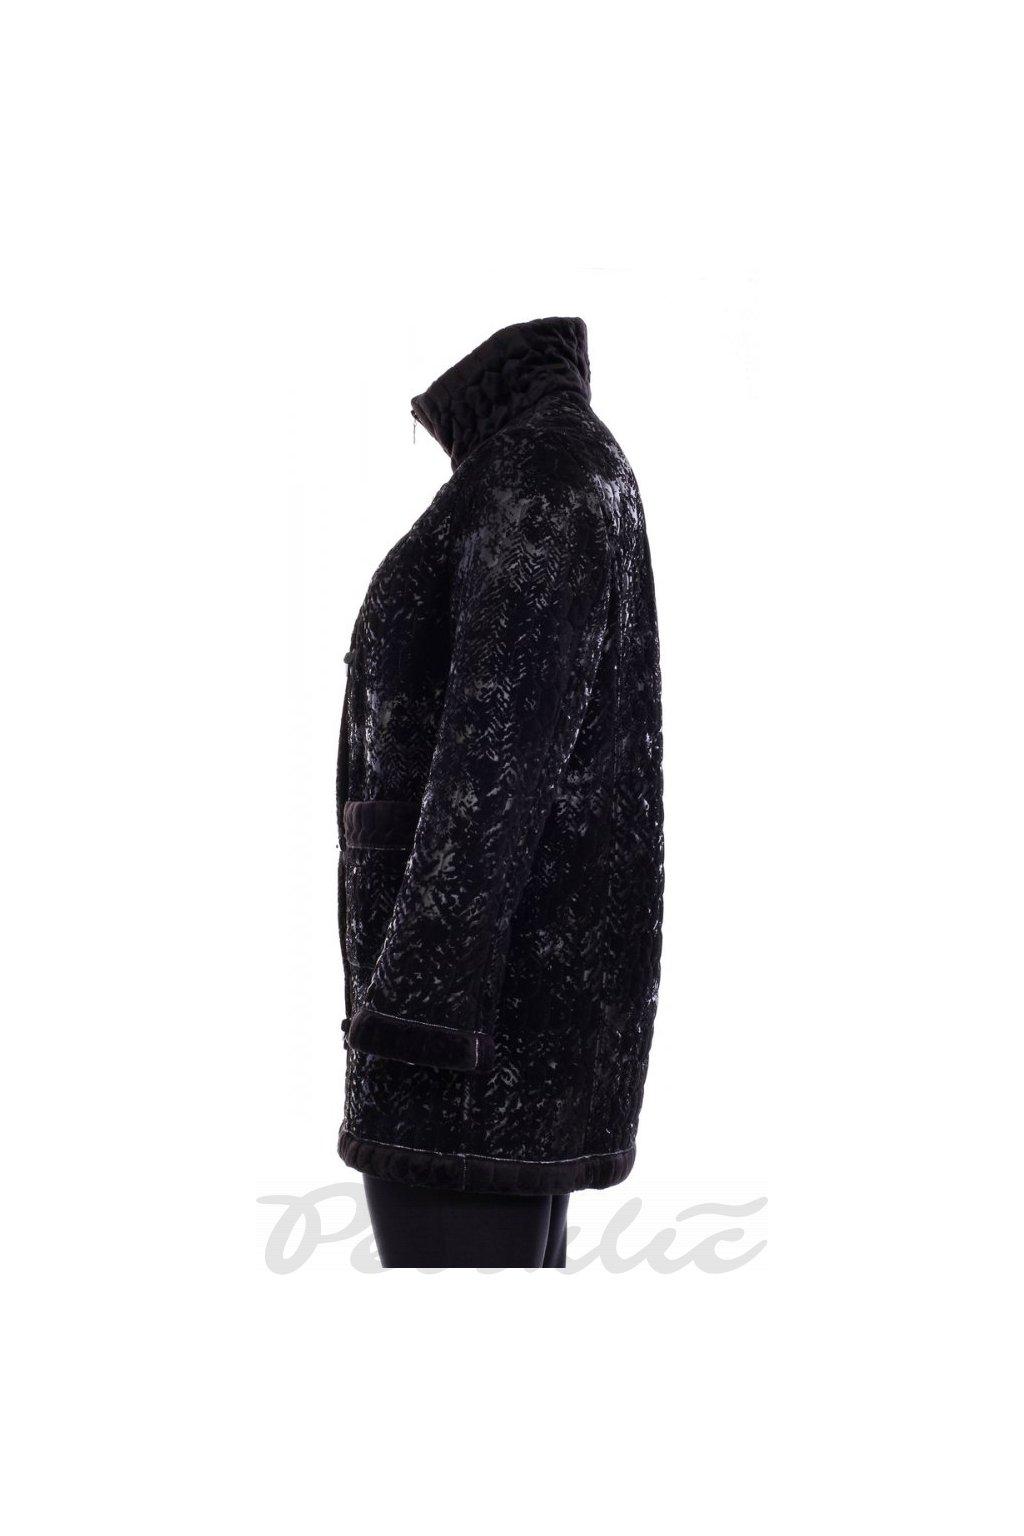 Teplý zimní 3/4 kabát černý - MÍŠA